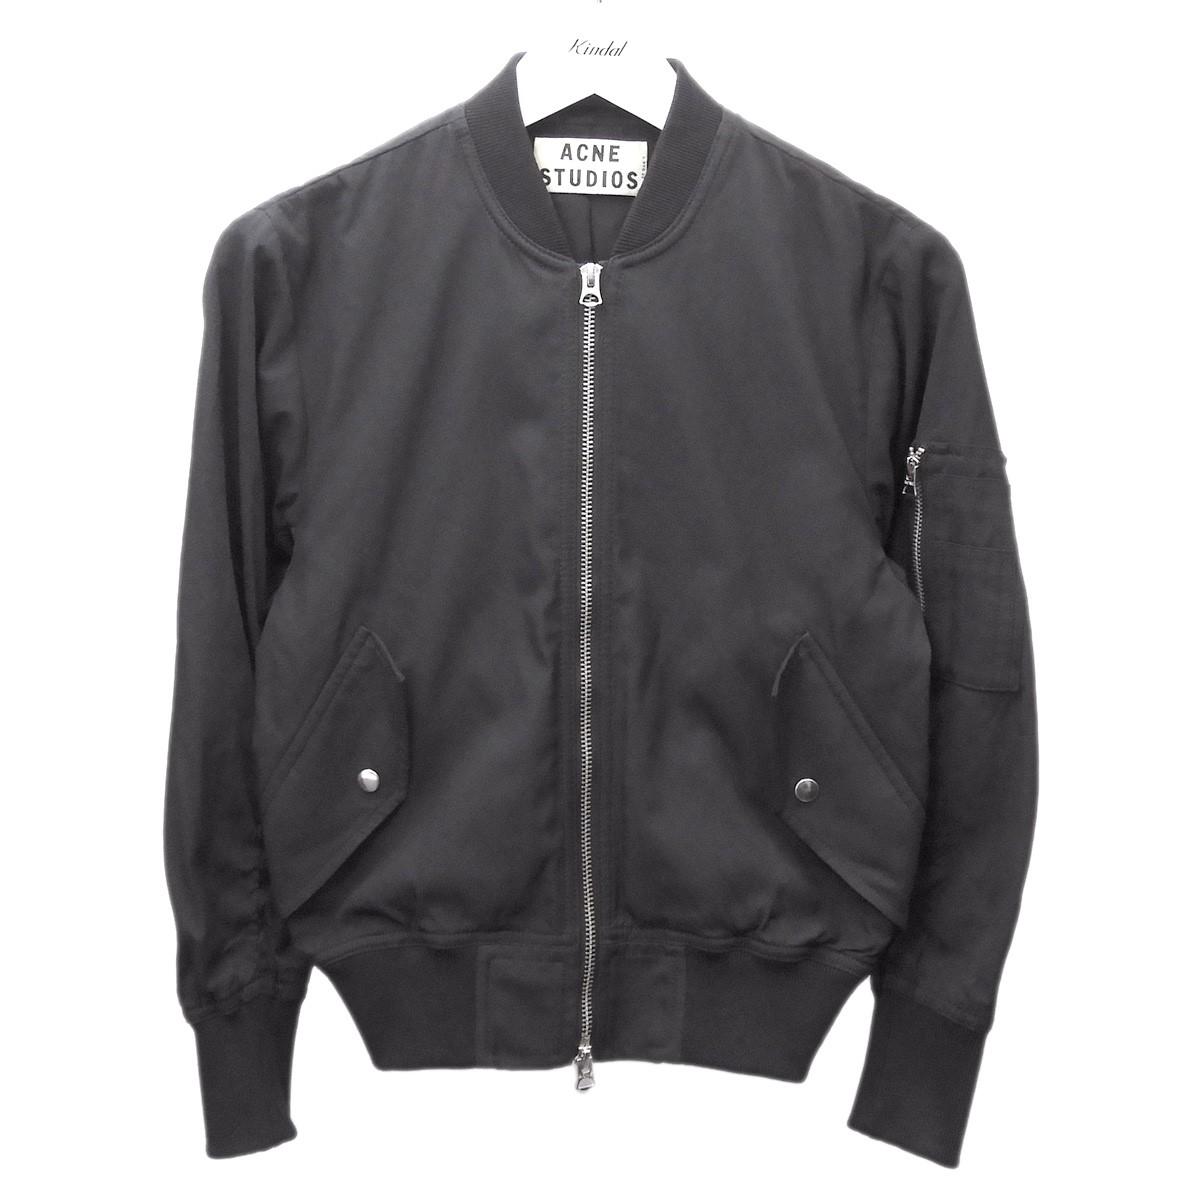 【中古】ACNE STUDIOS 2013AW 「ENCORE」MA-1ジャケット ブラック サイズ:32 【010920】(アクネストゥディオズ)